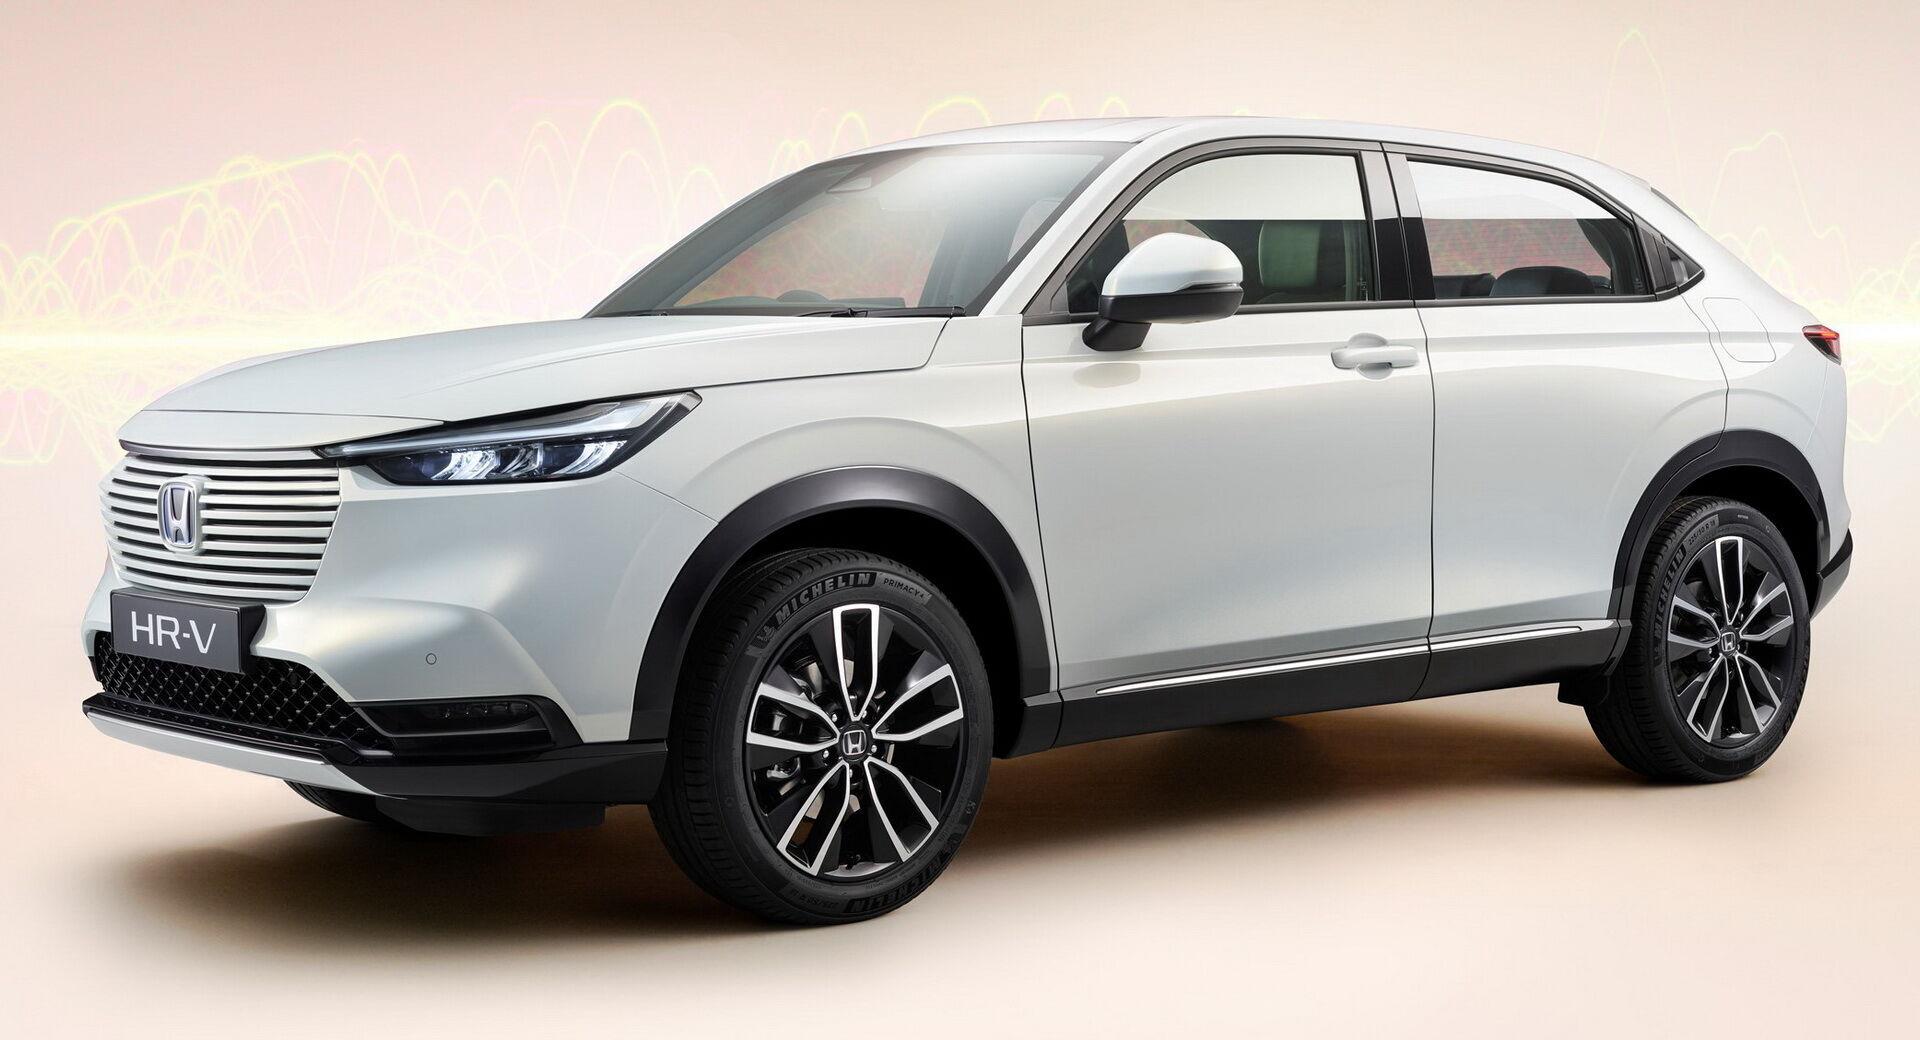 Honda HR-V e:HEV получит в свое распоряжение гибридный силовой агрегат